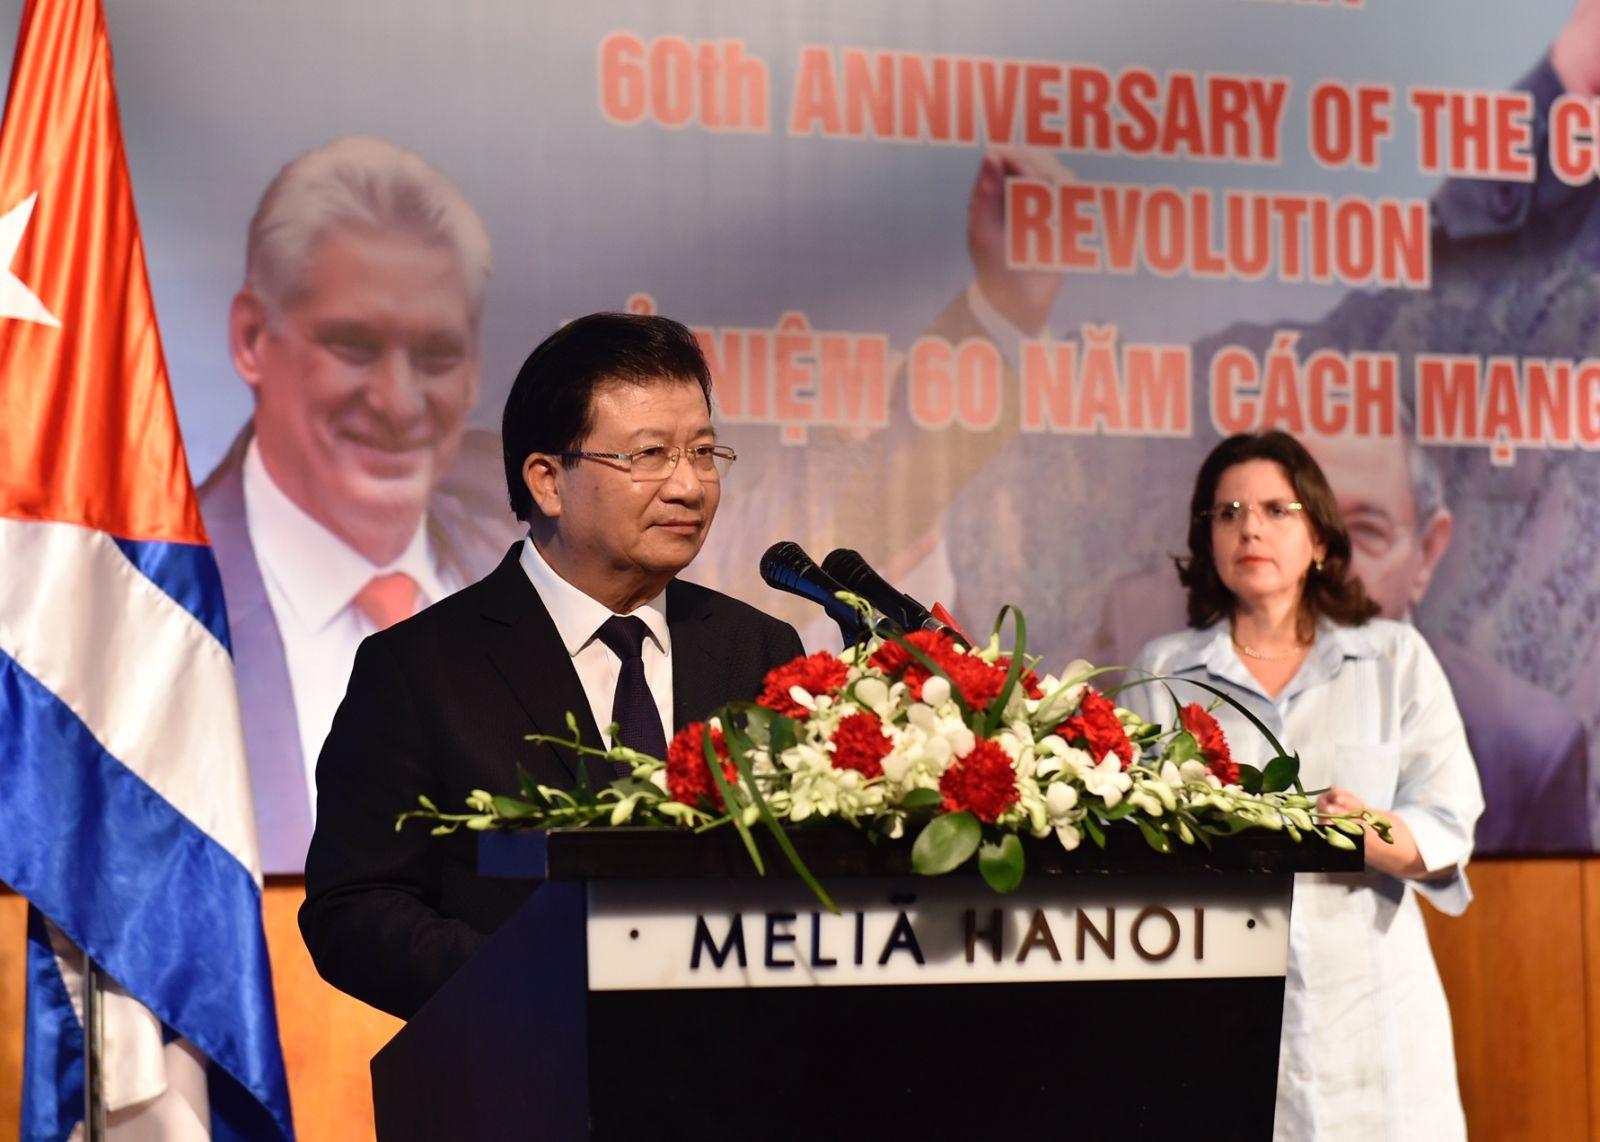 Phó thủ tướng Trịnh Đình Dũng phát biểu tại Lễ kỷ niệm. Ảnh: VGP/Nhật Bắc